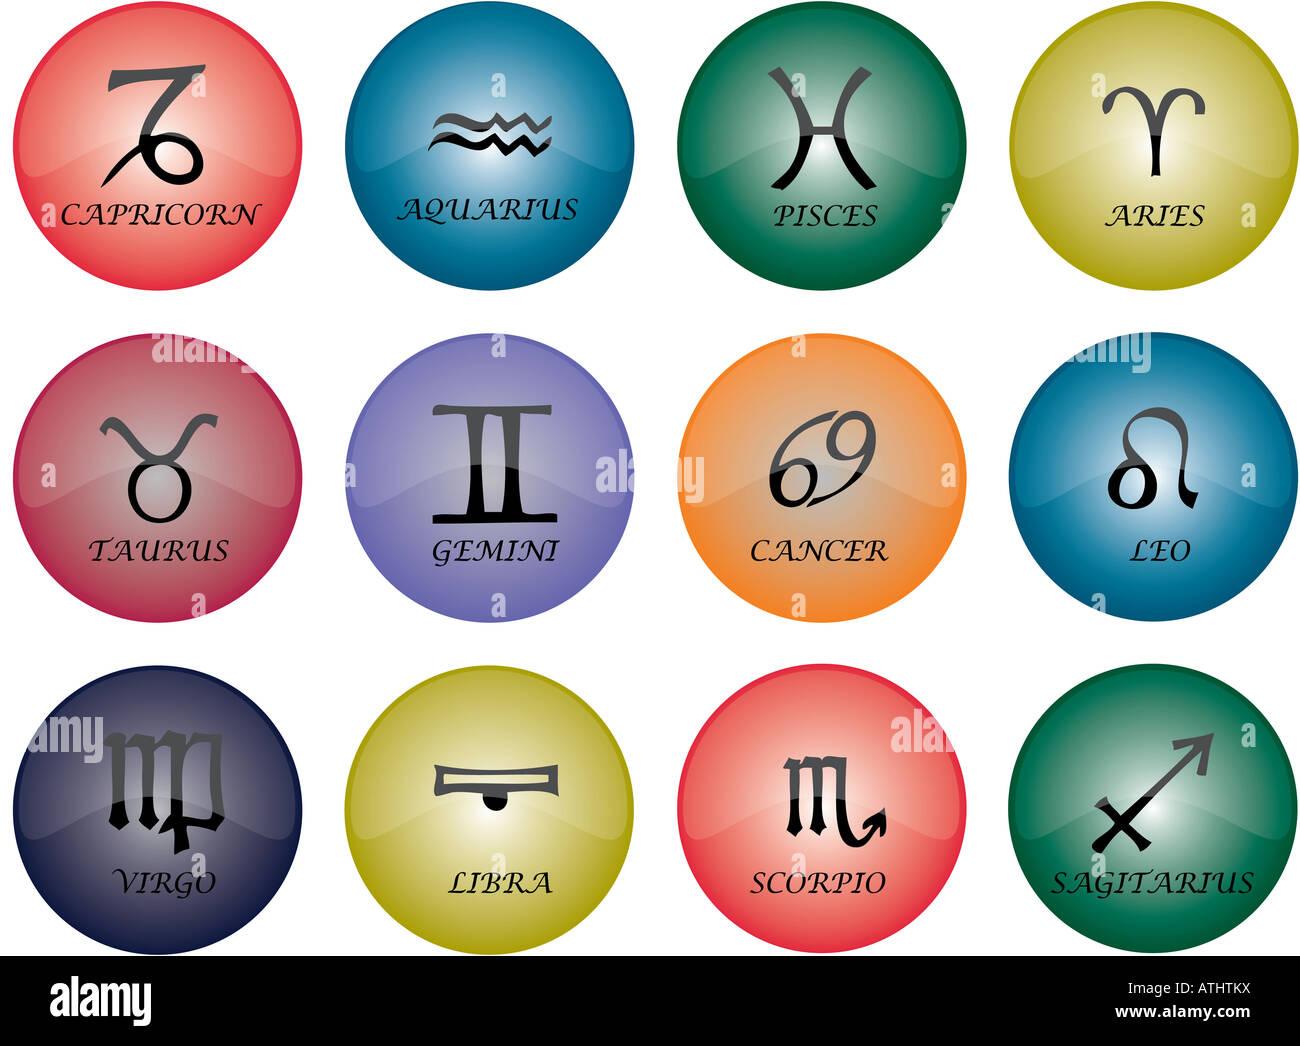 Gemini datant Capricorne